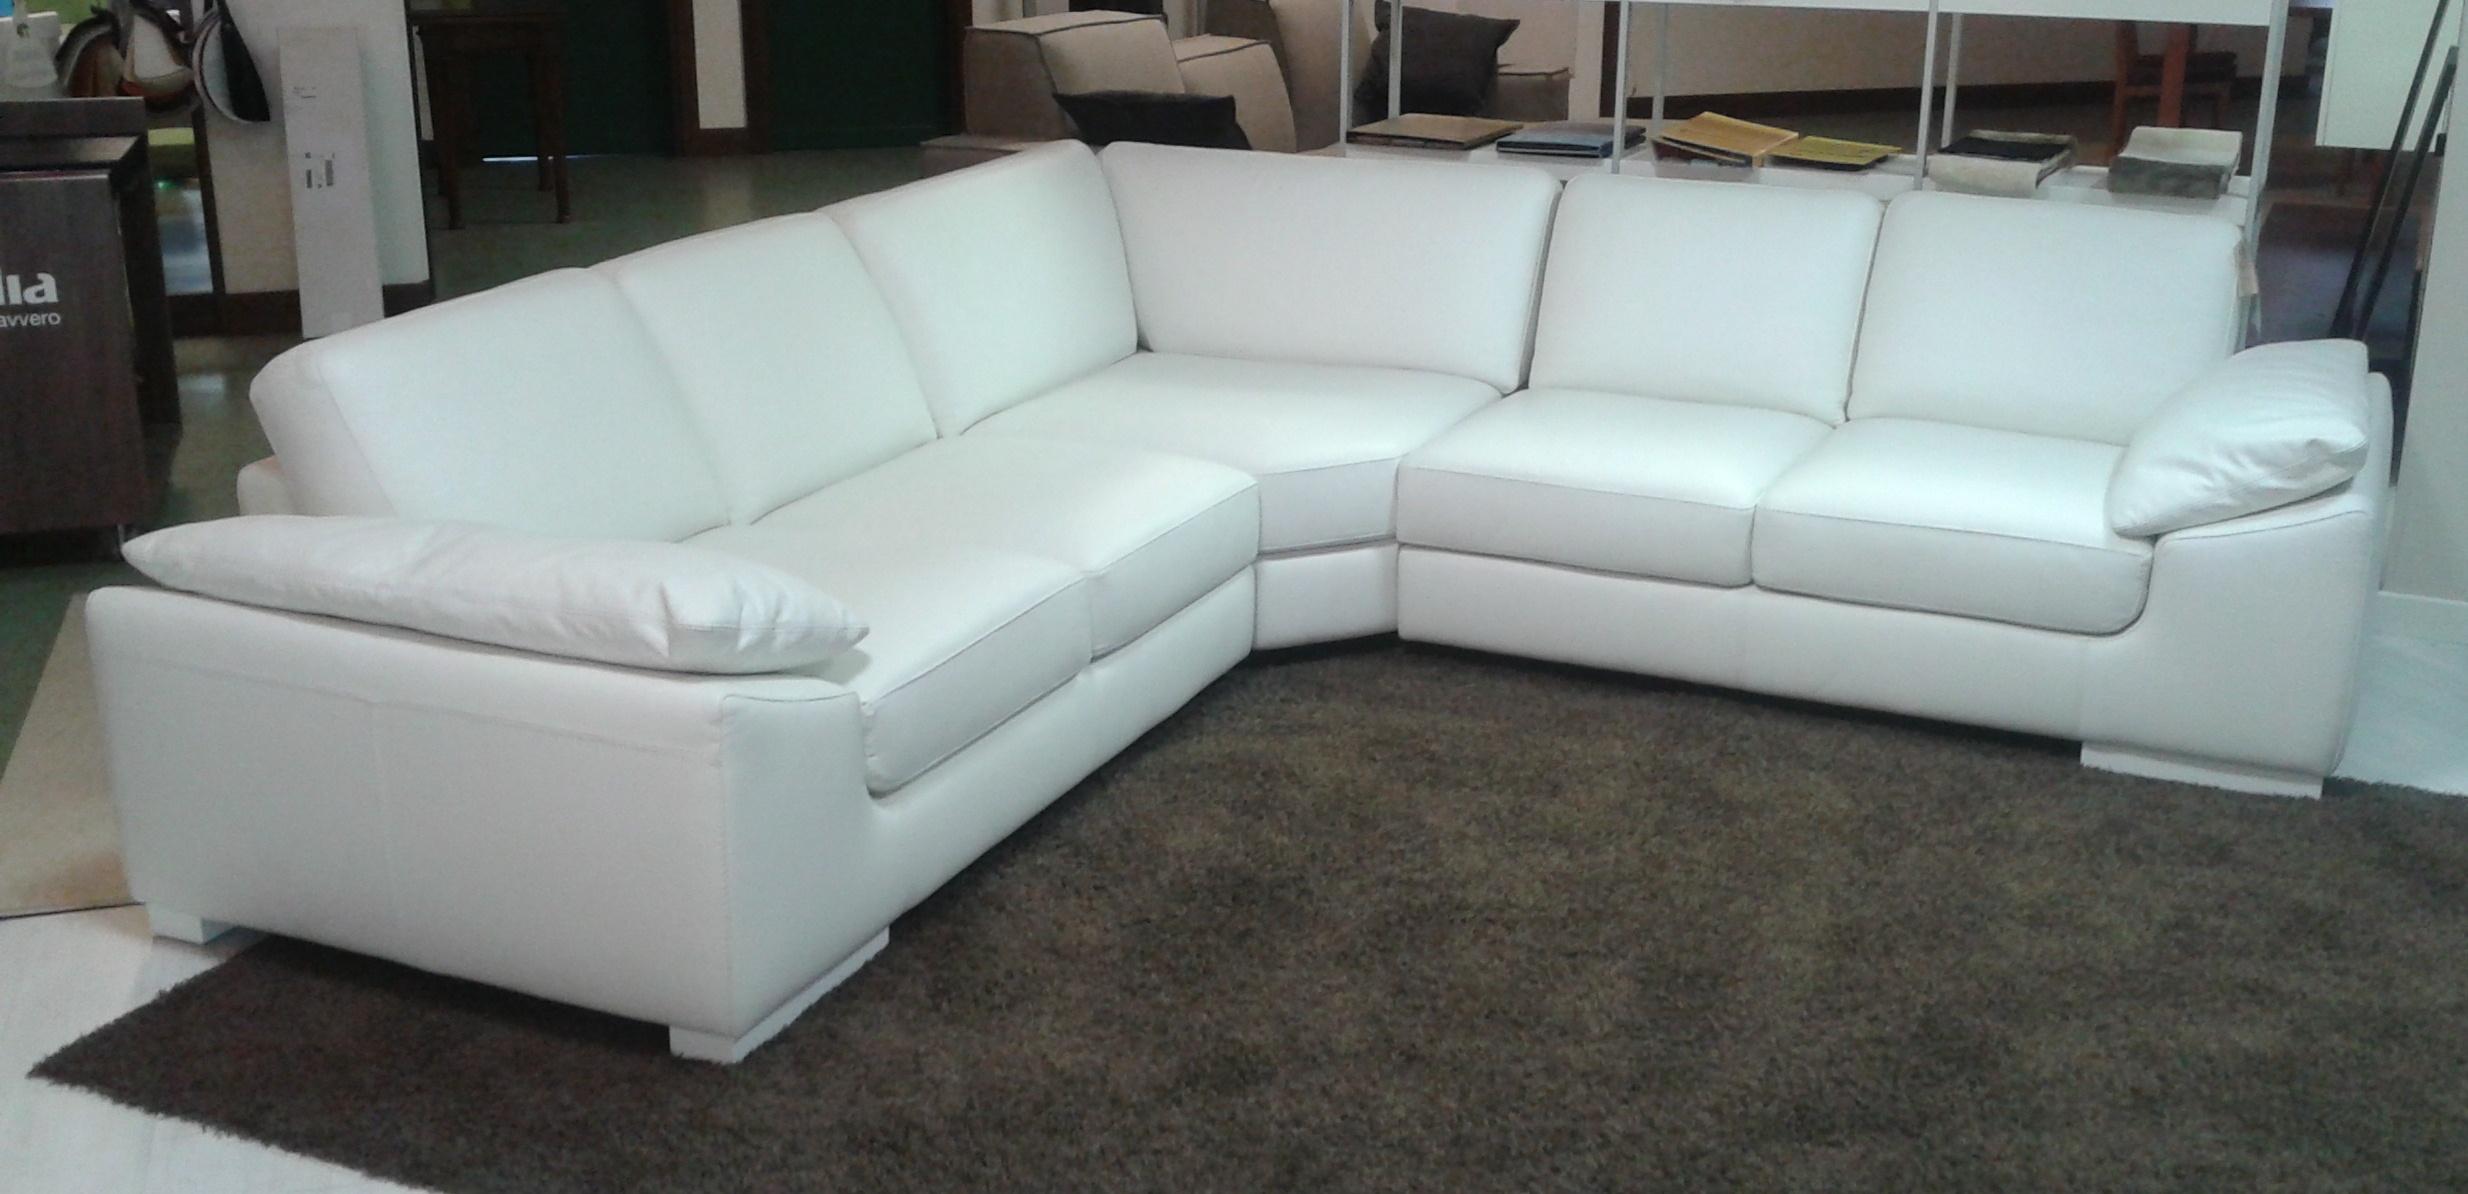 Offerta divano in pelle divani a prezzi scontati - Divano bianco in pelle ...